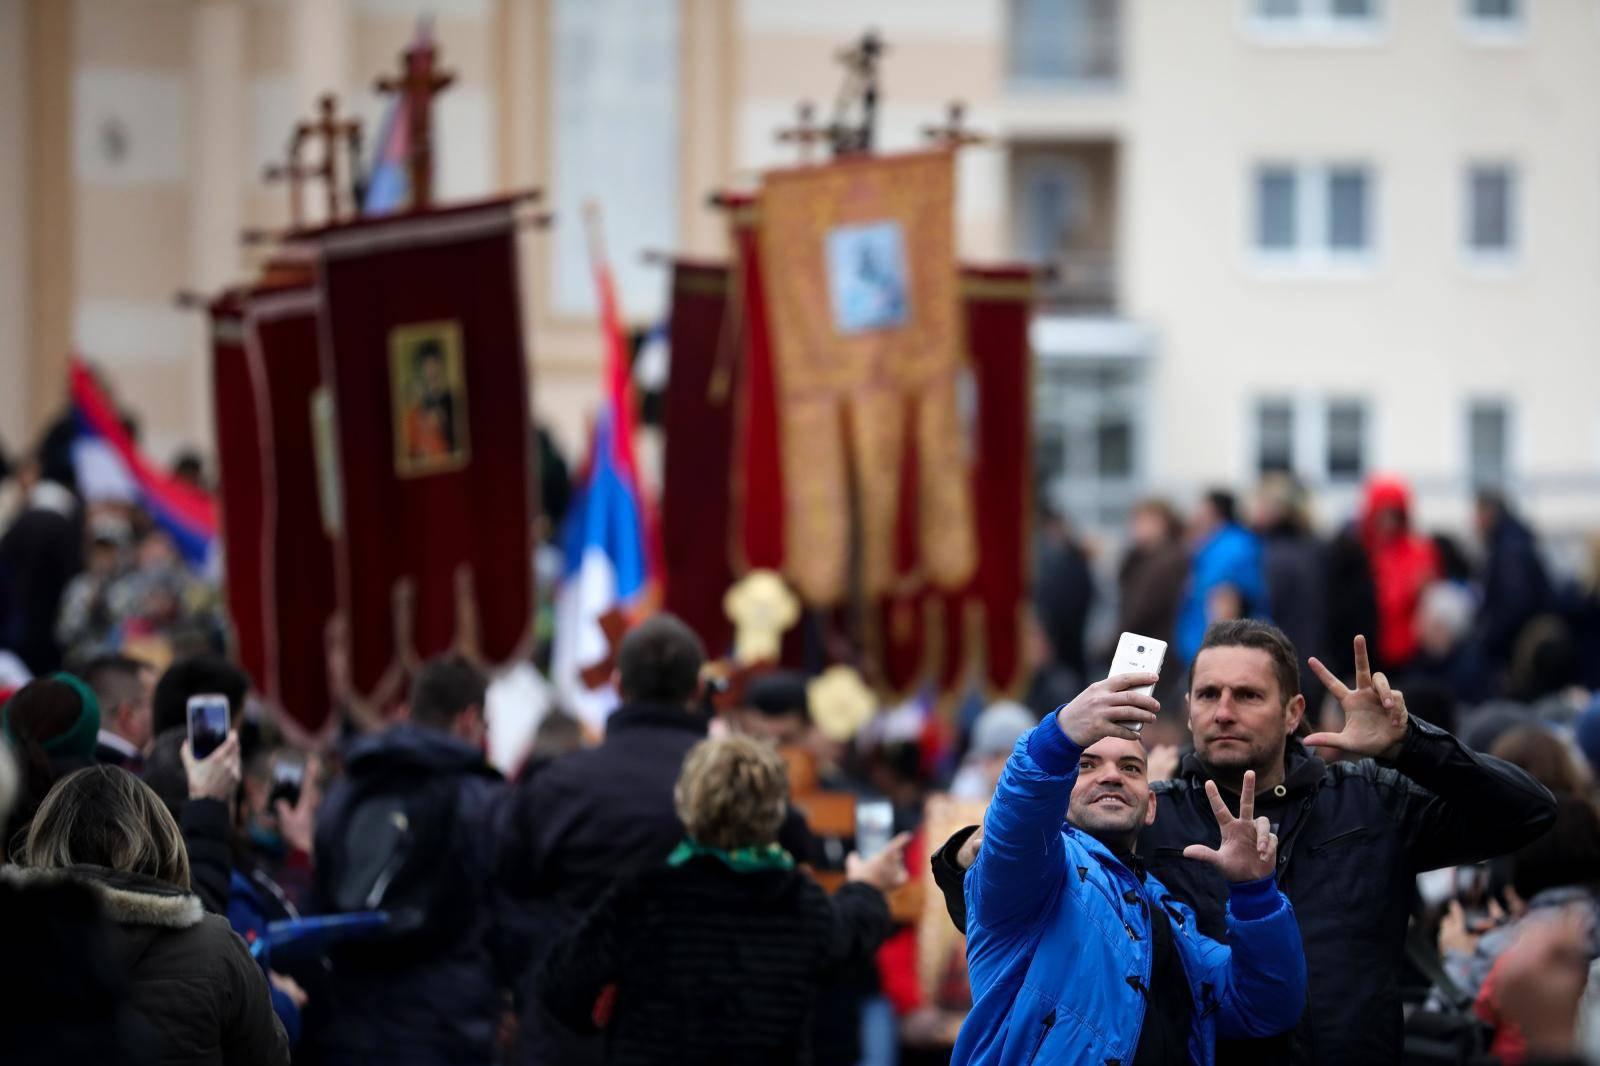 Svećenici okupili više od 200 prosvjednika, u pritvoru su